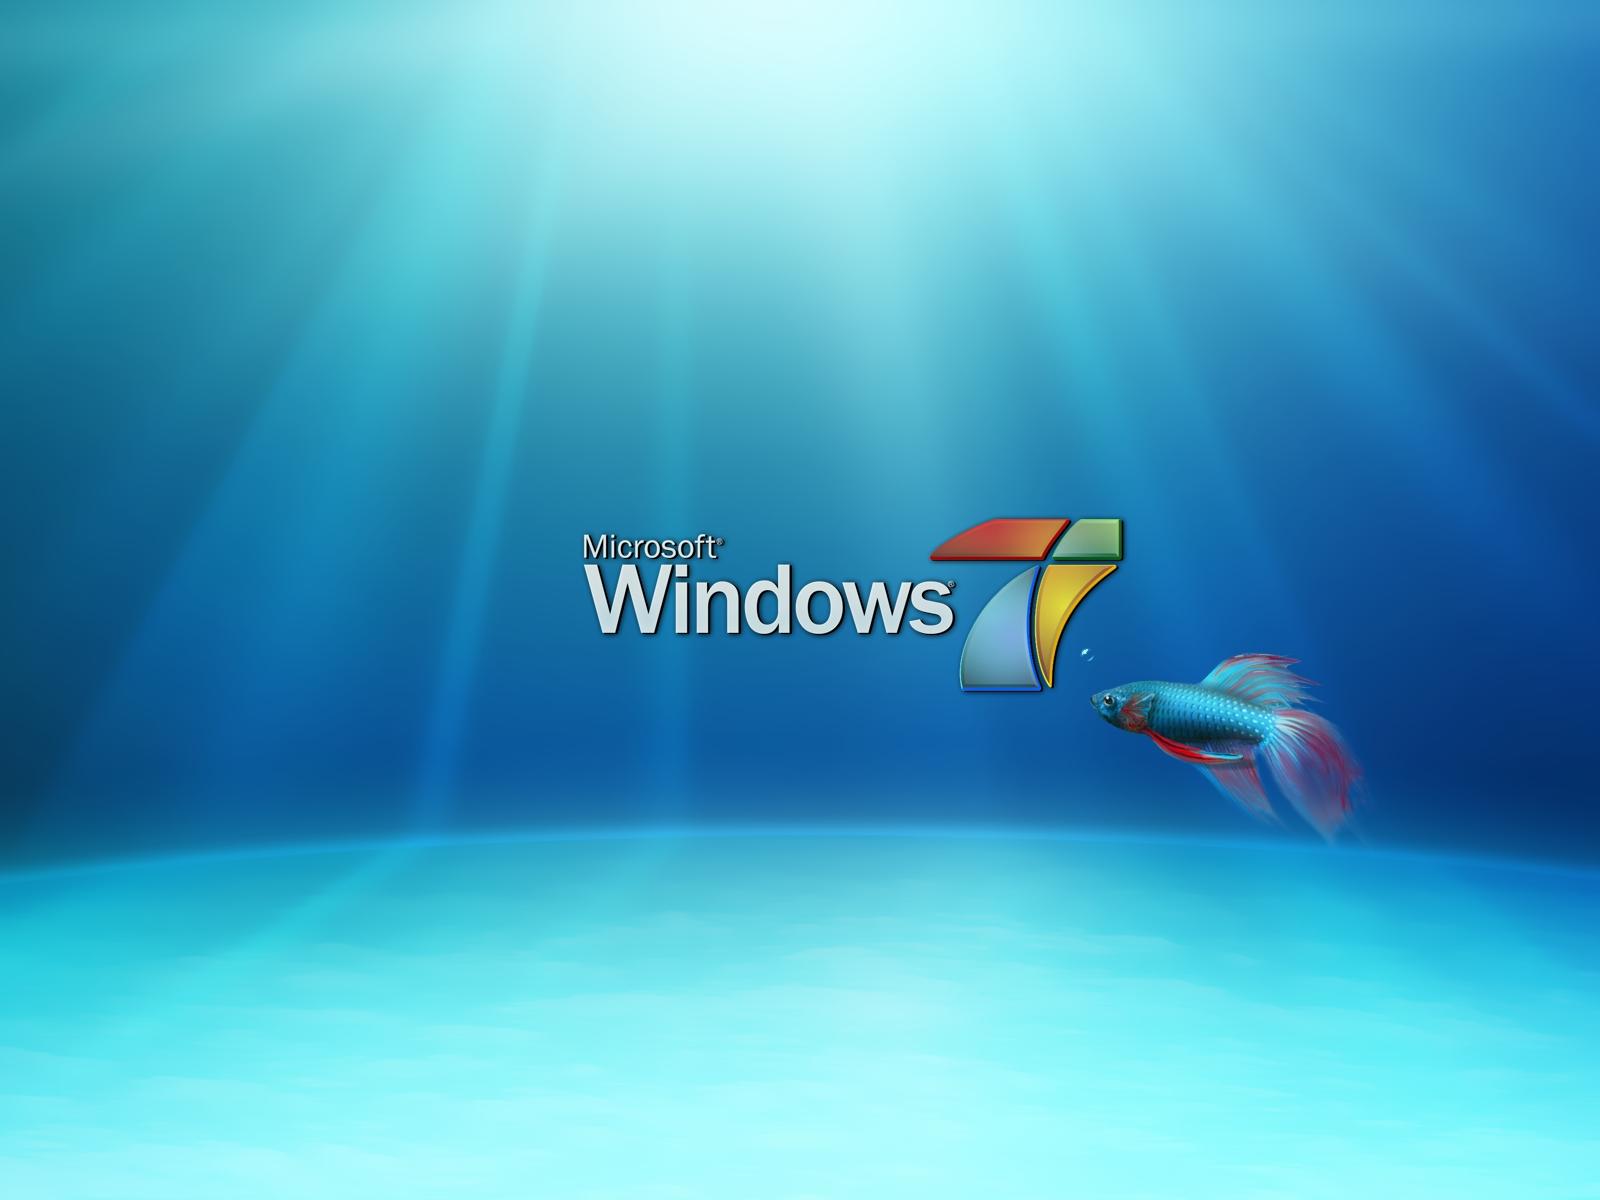 window 7 HD Wallpaper: HD Wallpapers of Windows 7 2